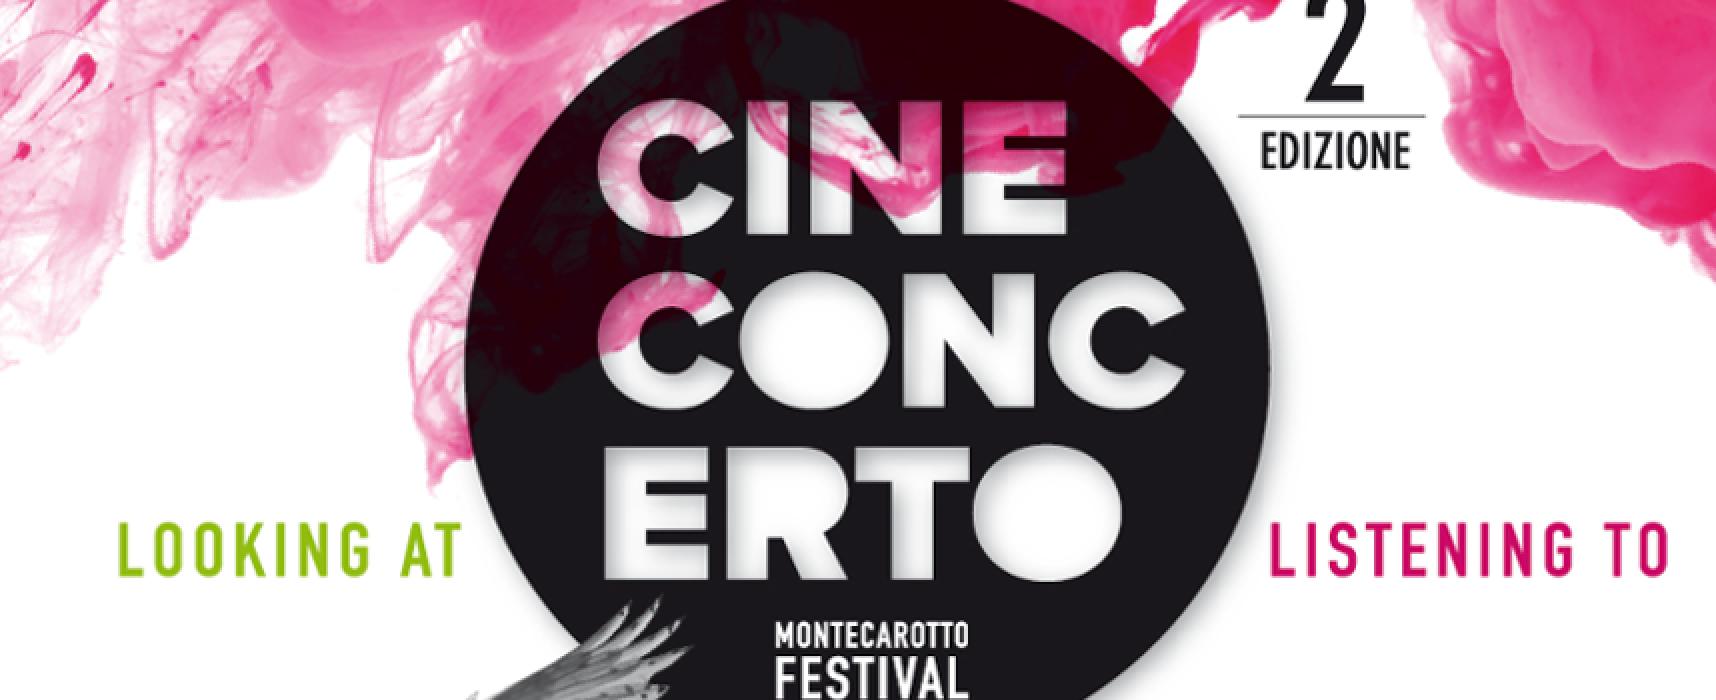 Aperto il bando per il Festival Cineconcerto 2017: contest per videomaker e musicisti